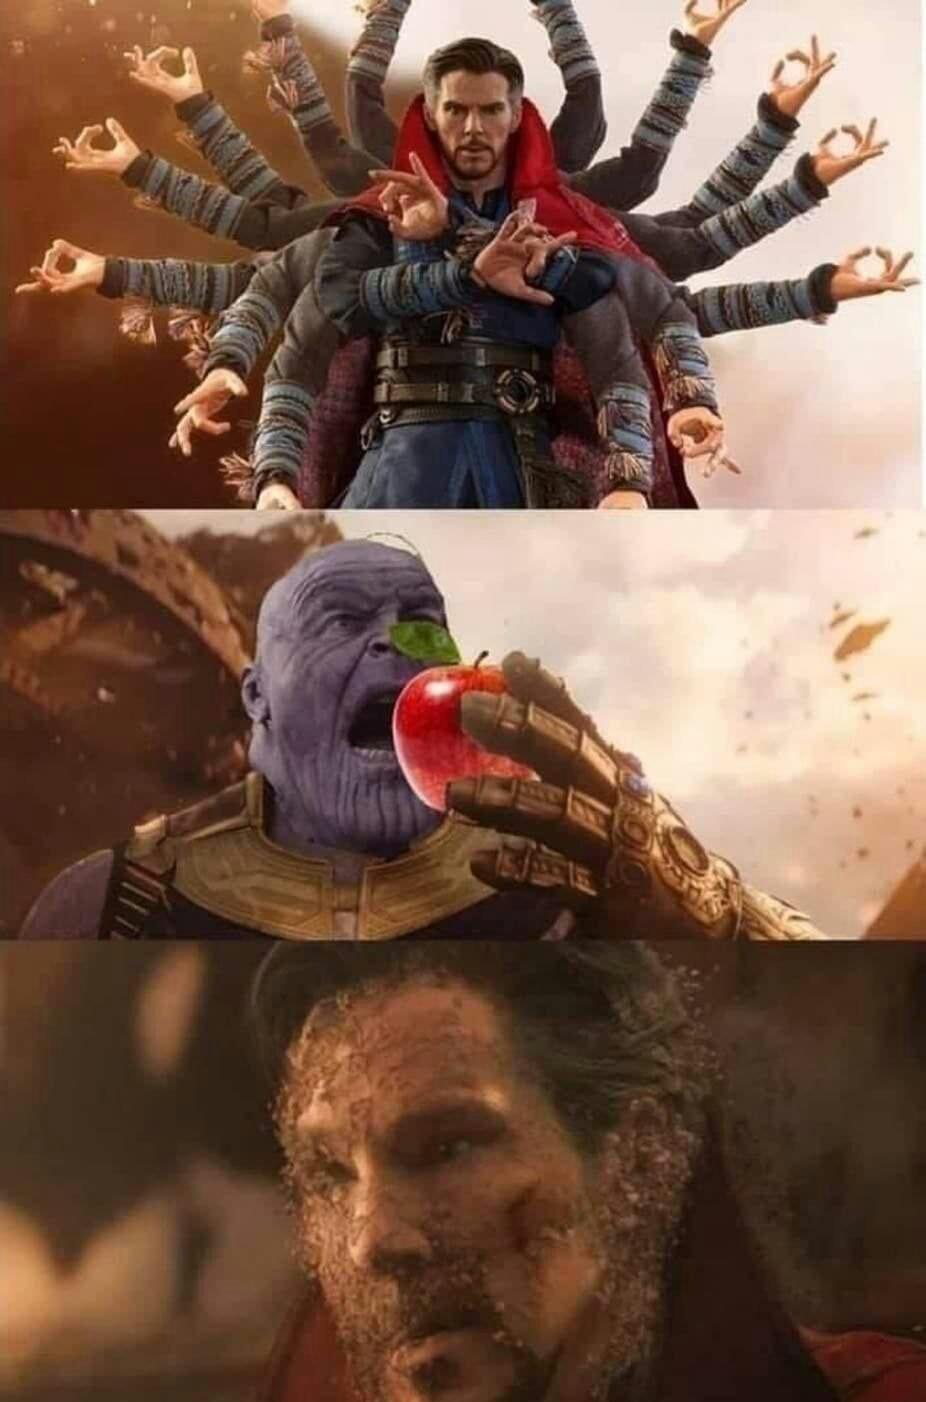 Memes Avengers infinity war Thanos versus Doctor Strange